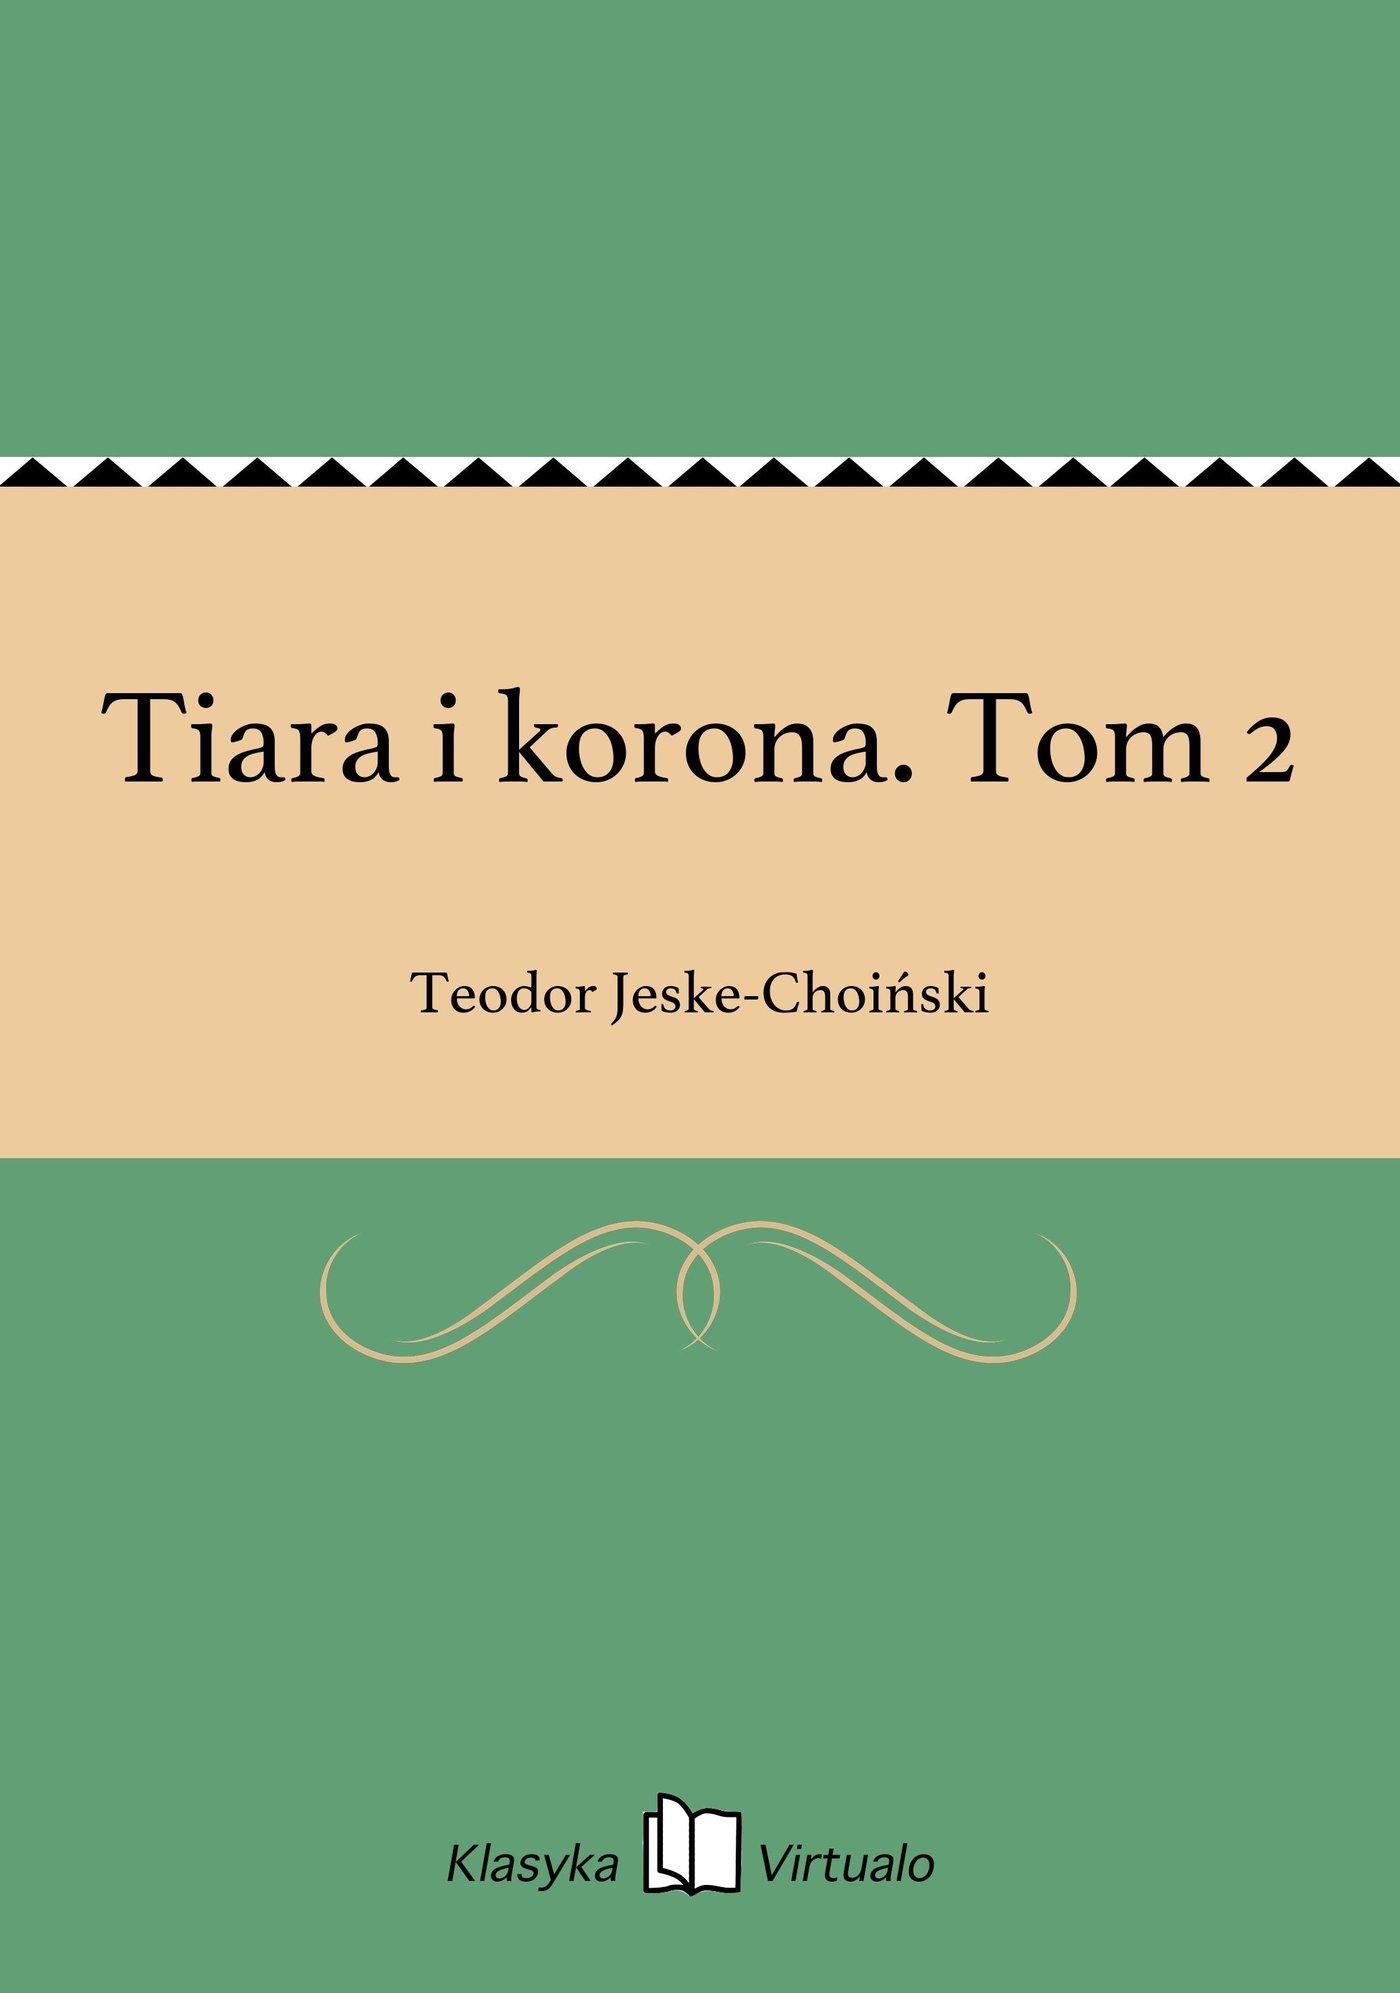 Tiara i korona. Tom 2 - Ebook (Książka EPUB) do pobrania w formacie EPUB